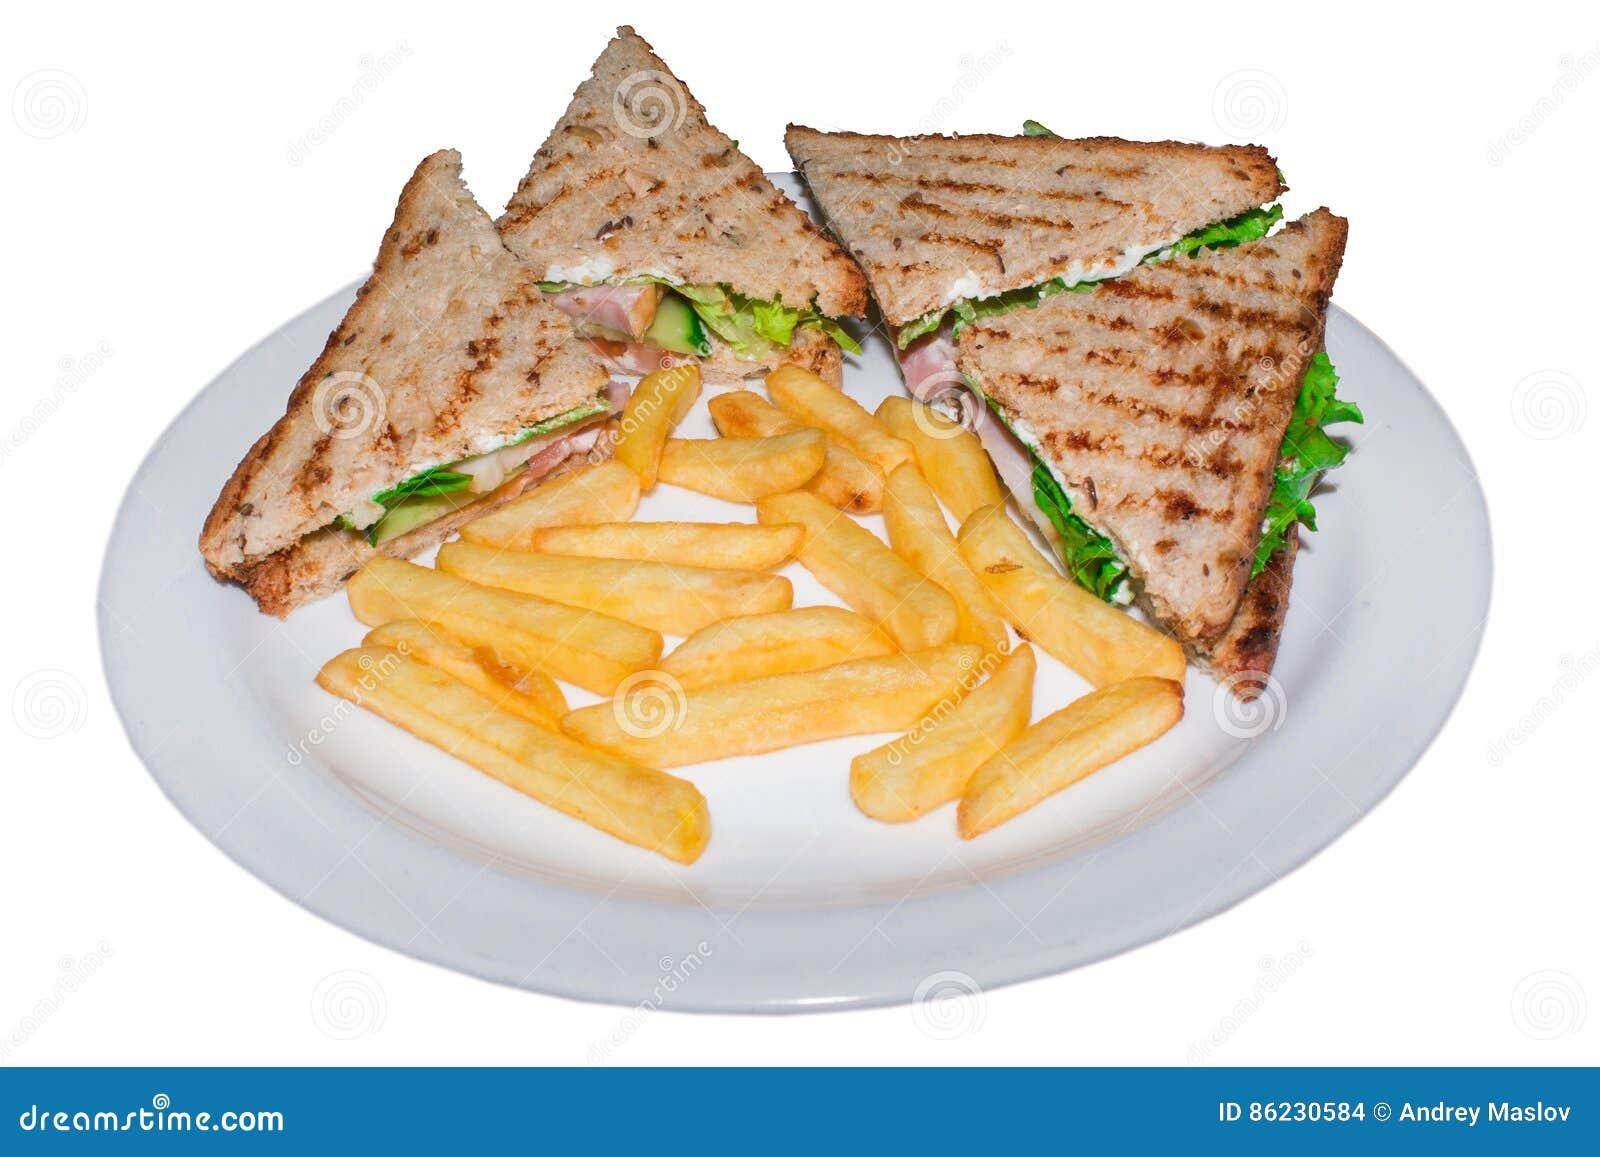 Sehr geschmackvolle belegte Brote mit Hühnerfleisch schlagen Lüge auf einer lokalisierten Platte mit einer Keule